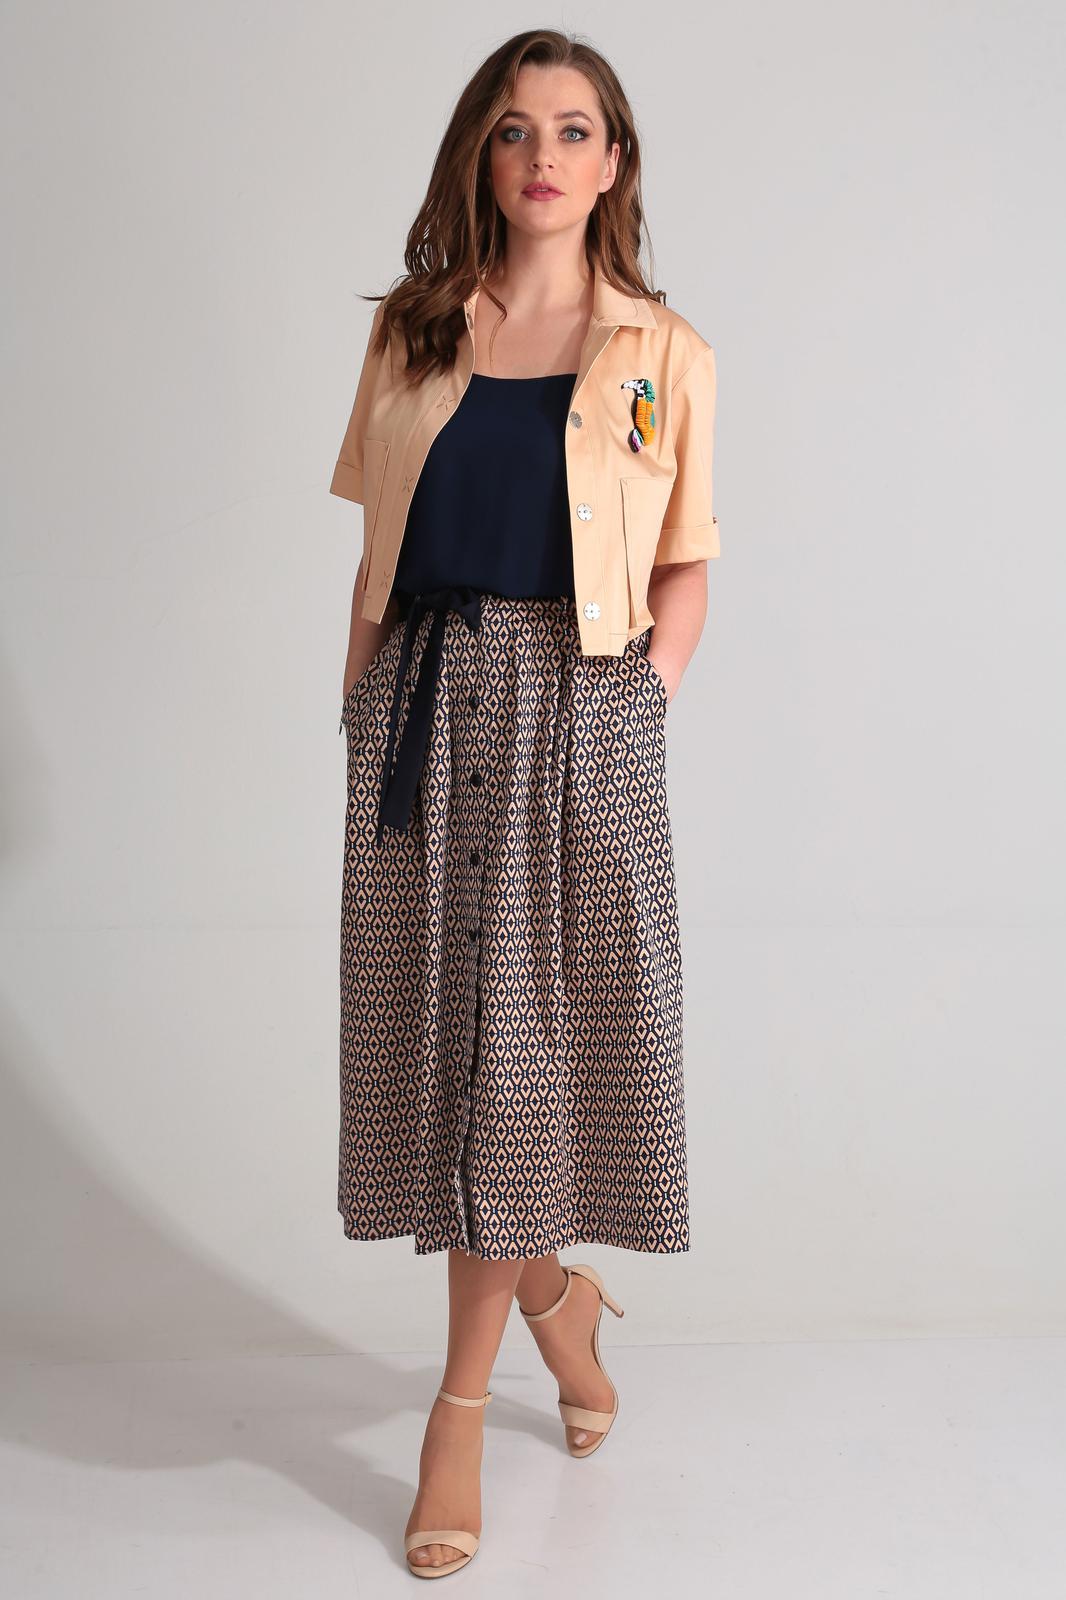 5df2ce3be0b Купить юбку большого размера в интернет-магазине в Минске